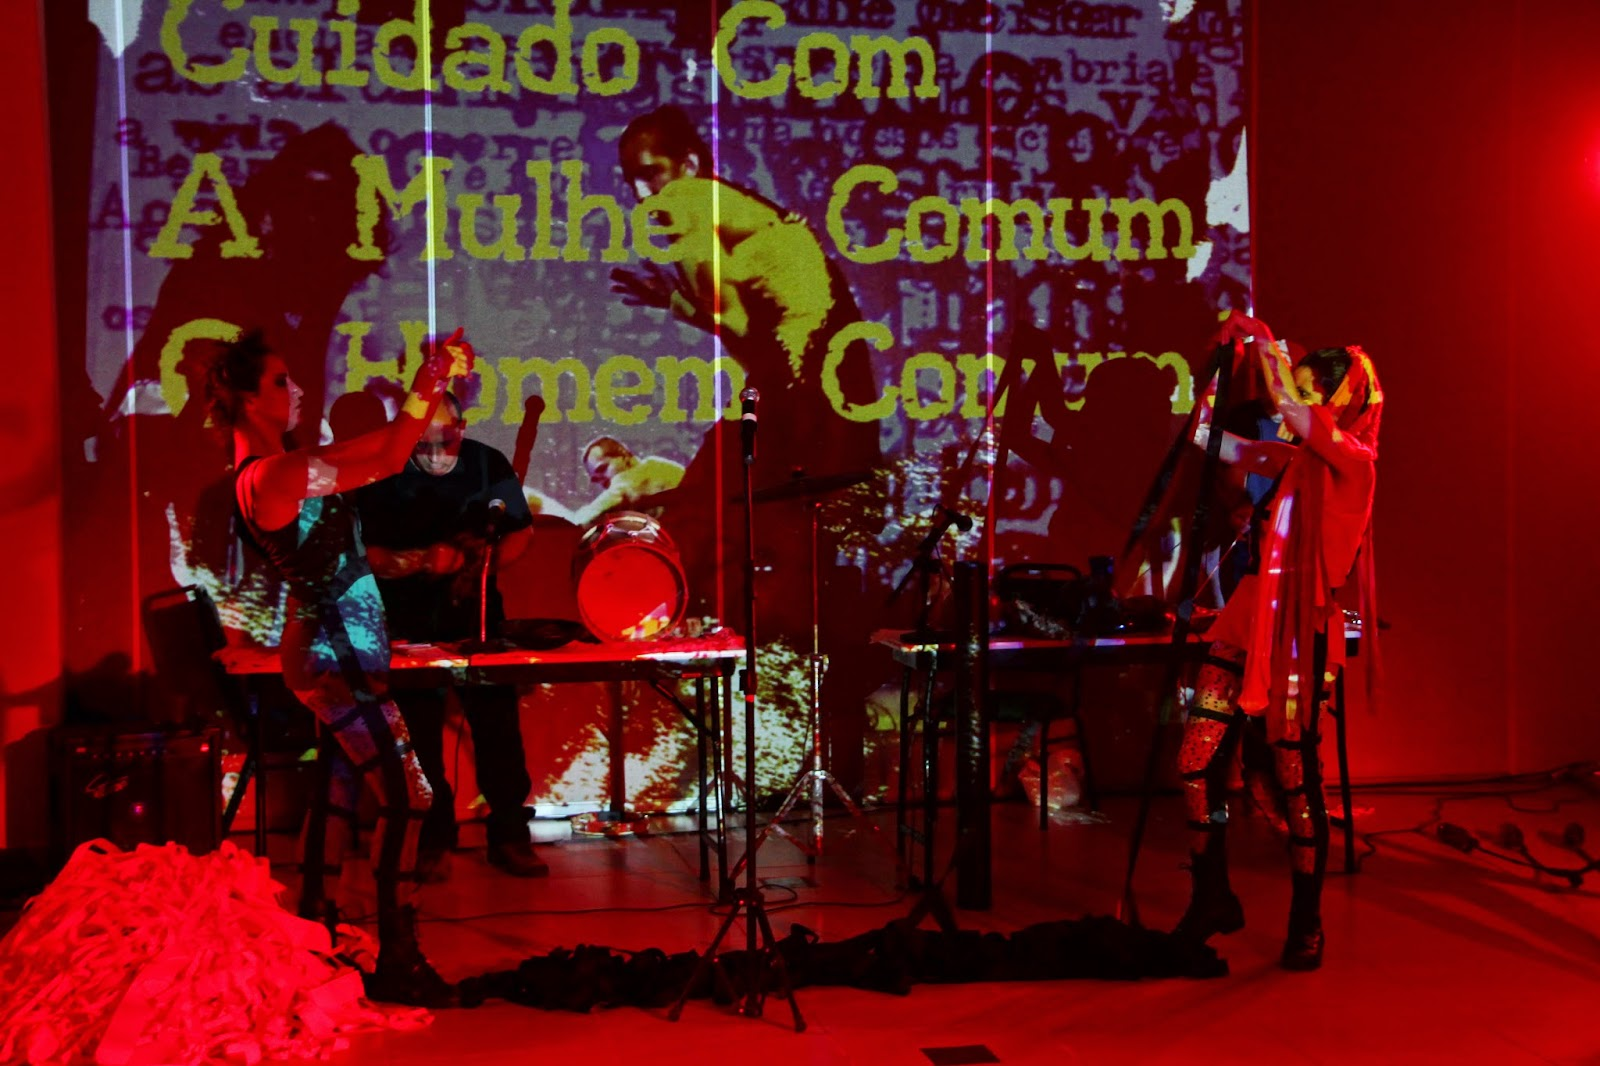 Nem Tente - Grupo Totem. Performers: Taína Veríssimo e Gabi Cabral. Músicos: Fred Nascimento e Mário Sérgio. Foto de Fernando Figueiroa.